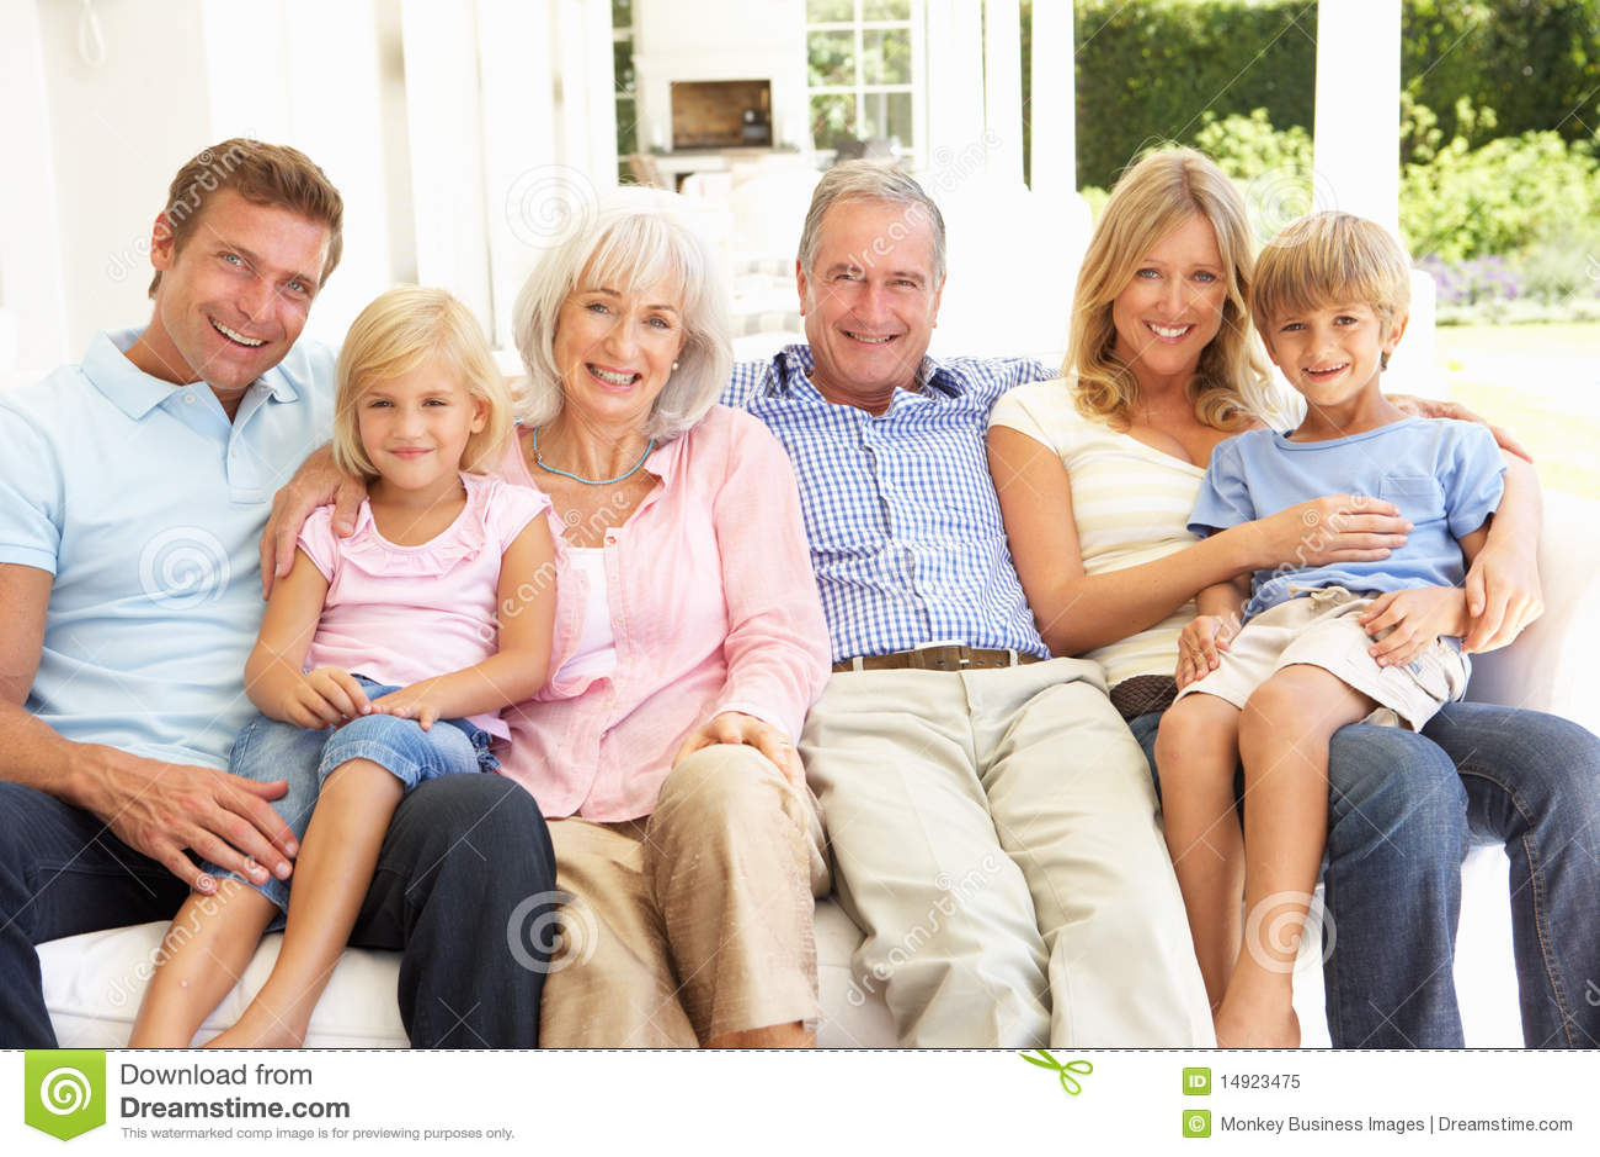 Фото семья с детьми с бабушкой дедушкой